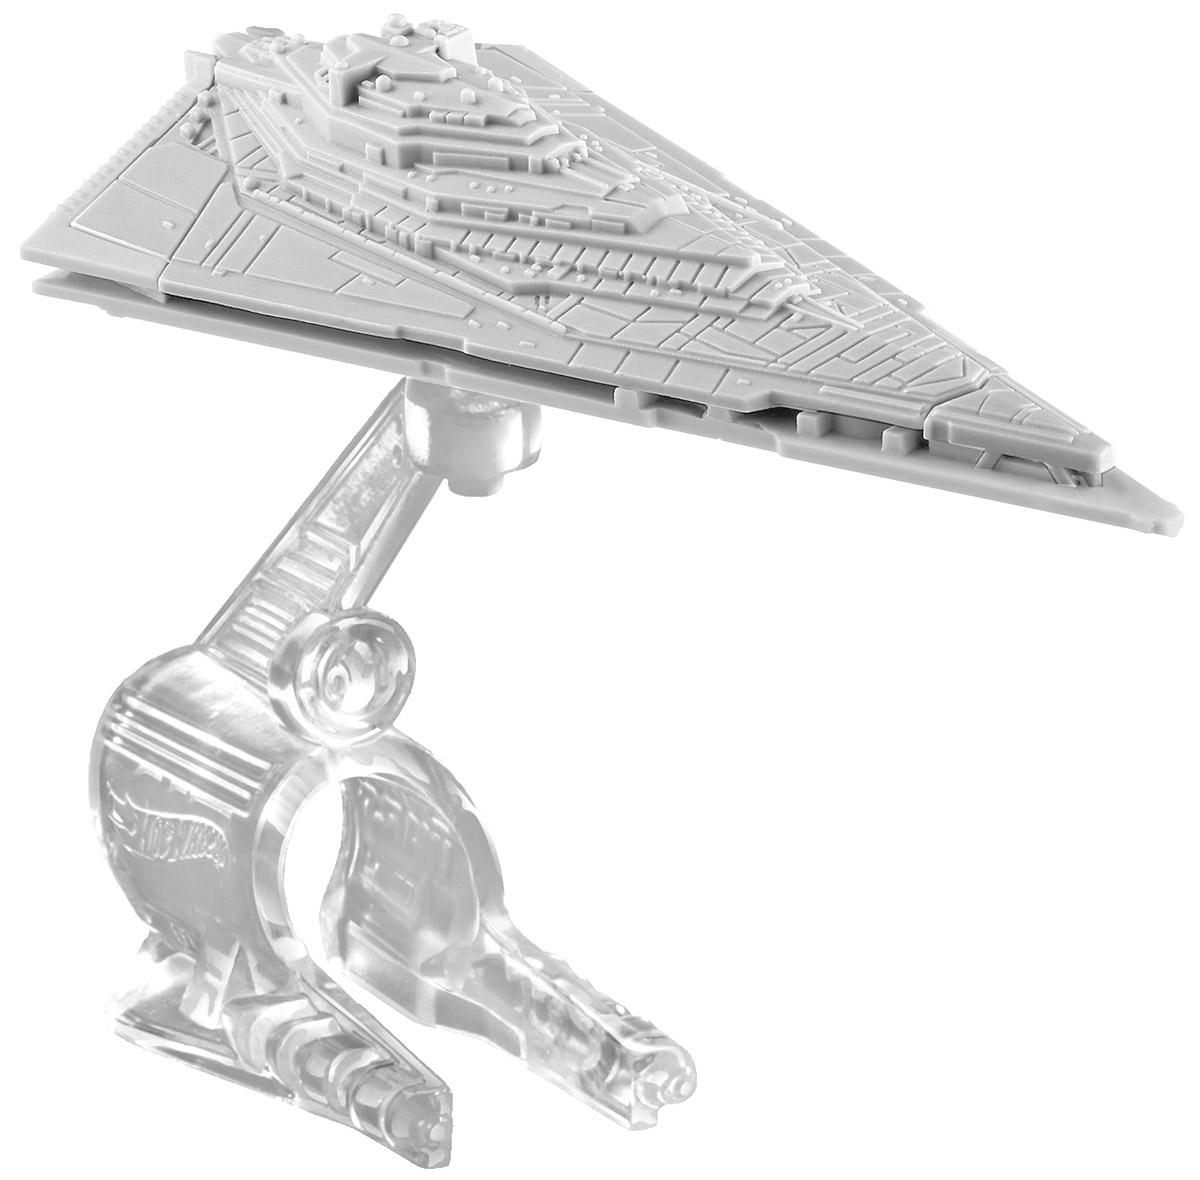 Hot Wheels Star Wars Звездный корабль First Order Star DestroyerCGW52_CKJ72Звездный корабль Hot Wheels First Order Star Destroyer непременно приведет в восторг поклонника фантастической саги Звездные воины. В комплекте звездный корабль и подставка. Надевайте на руку устройство Flight Navigator и запускайте корабль в полет по комнате, прямо как в гиперпространстве, или устраивайте яростные космические сражения. Flight Navigator можно также использовать как подставку для игрушек. Звездолеты совместимы с игровыми наборами Hot Wheels Star Wars (продаются отдельно).